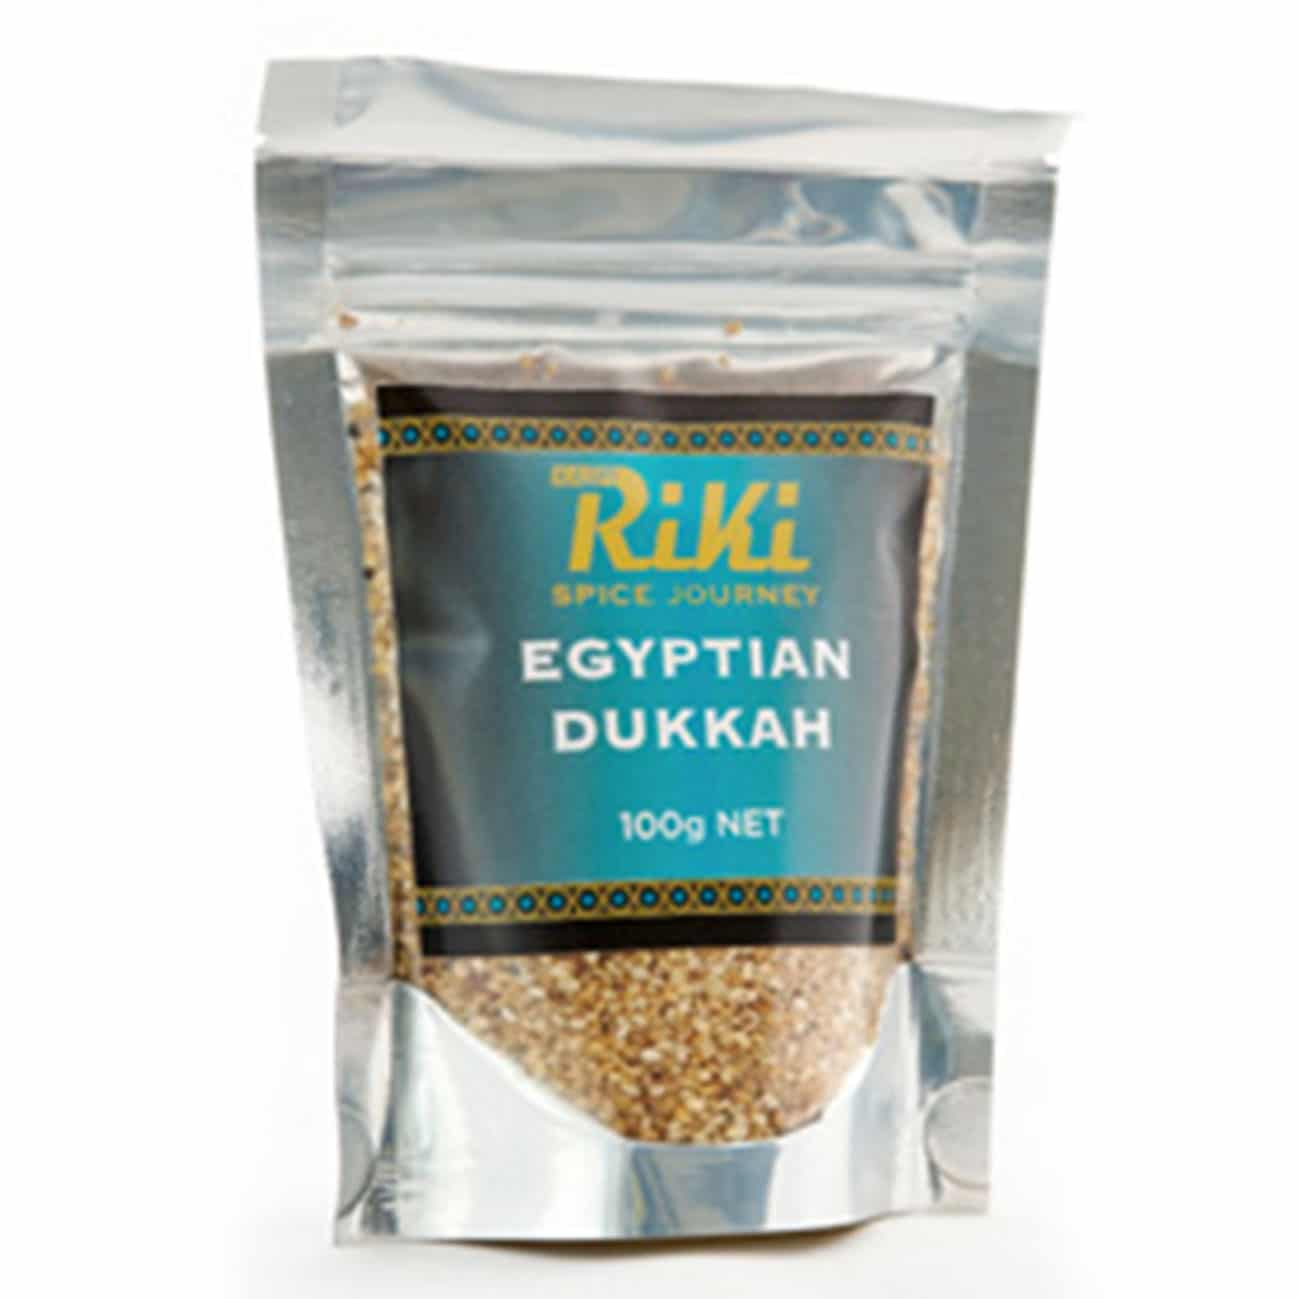 Egyptian Dukkha